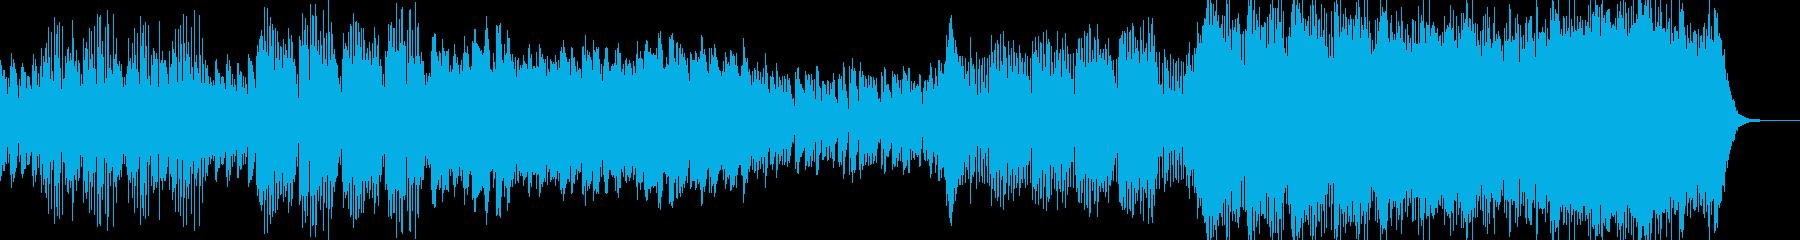 わくわく感ある日常で使えるBGMの再生済みの波形